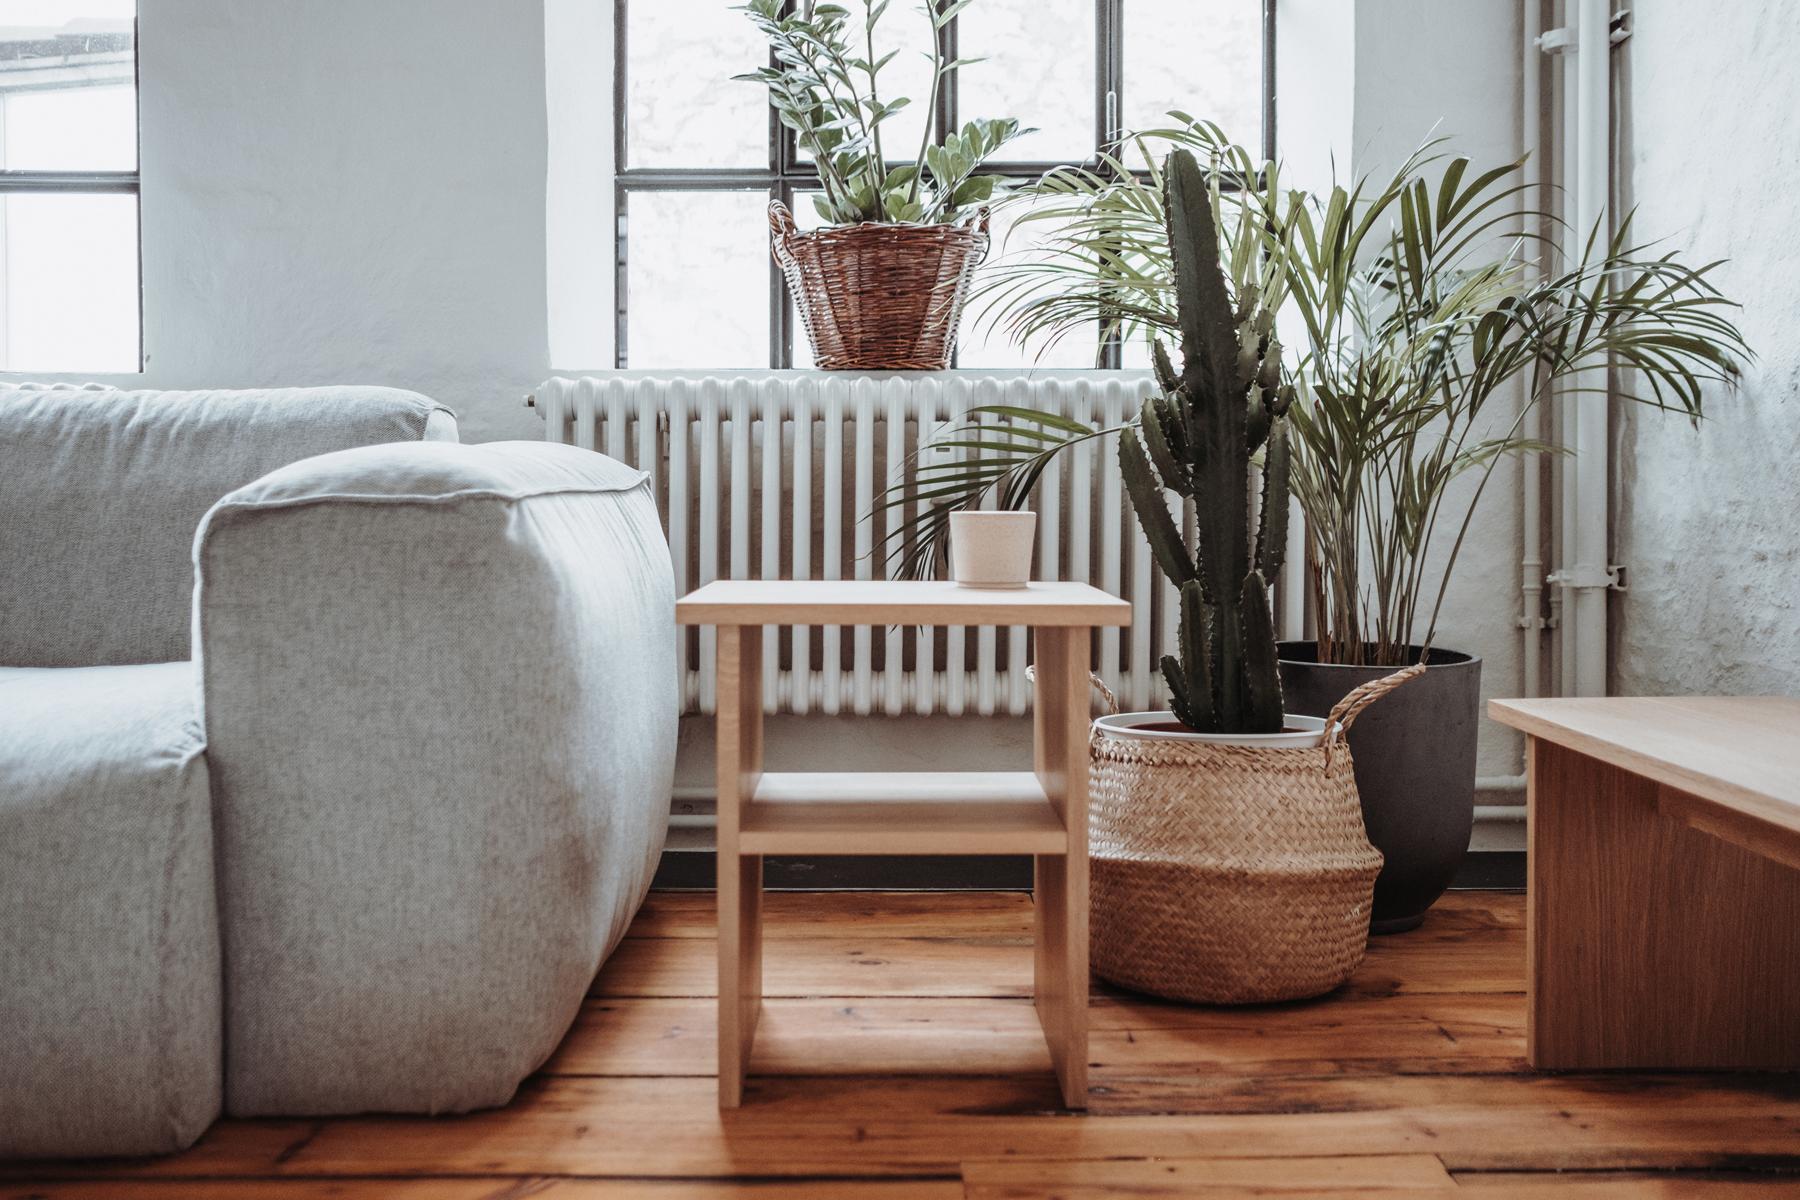 Minimalistisches Design von Slichtweg hier ein Holzhocker und Pflanzen